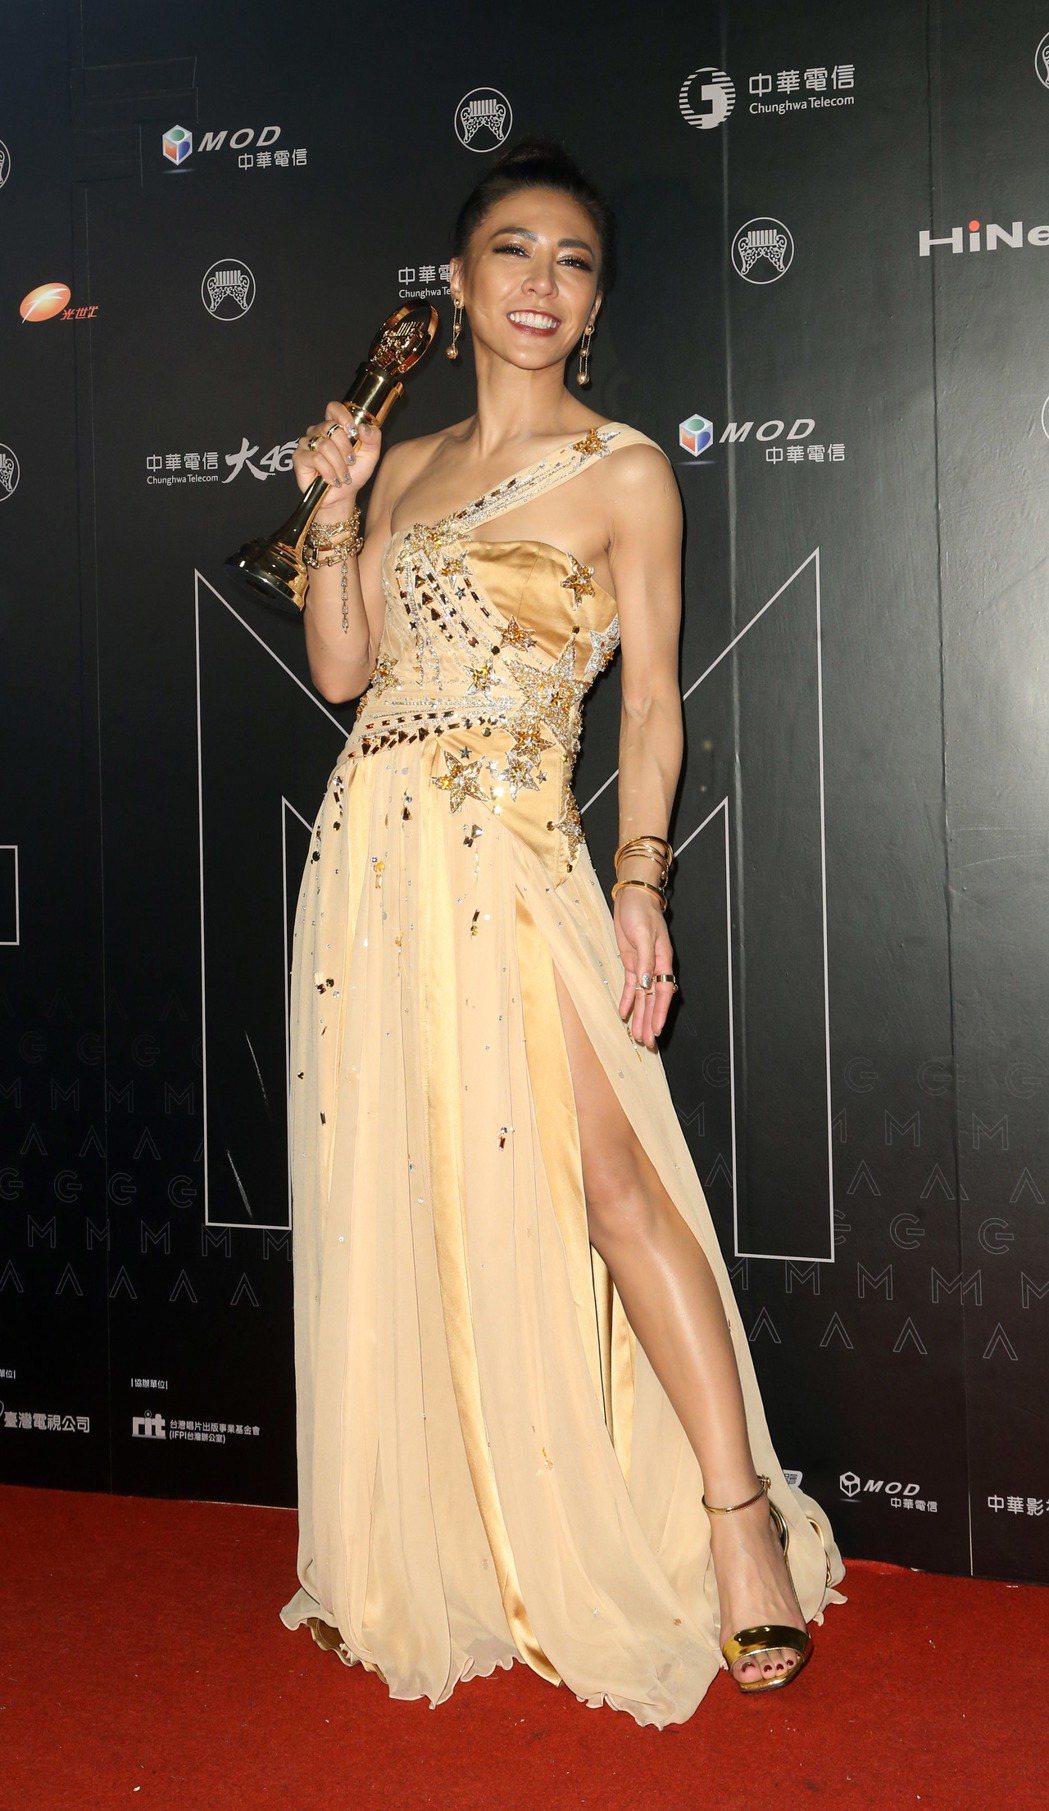 艾怡良獲得最佳國語女歌手獎。記者陳立凱/攝影